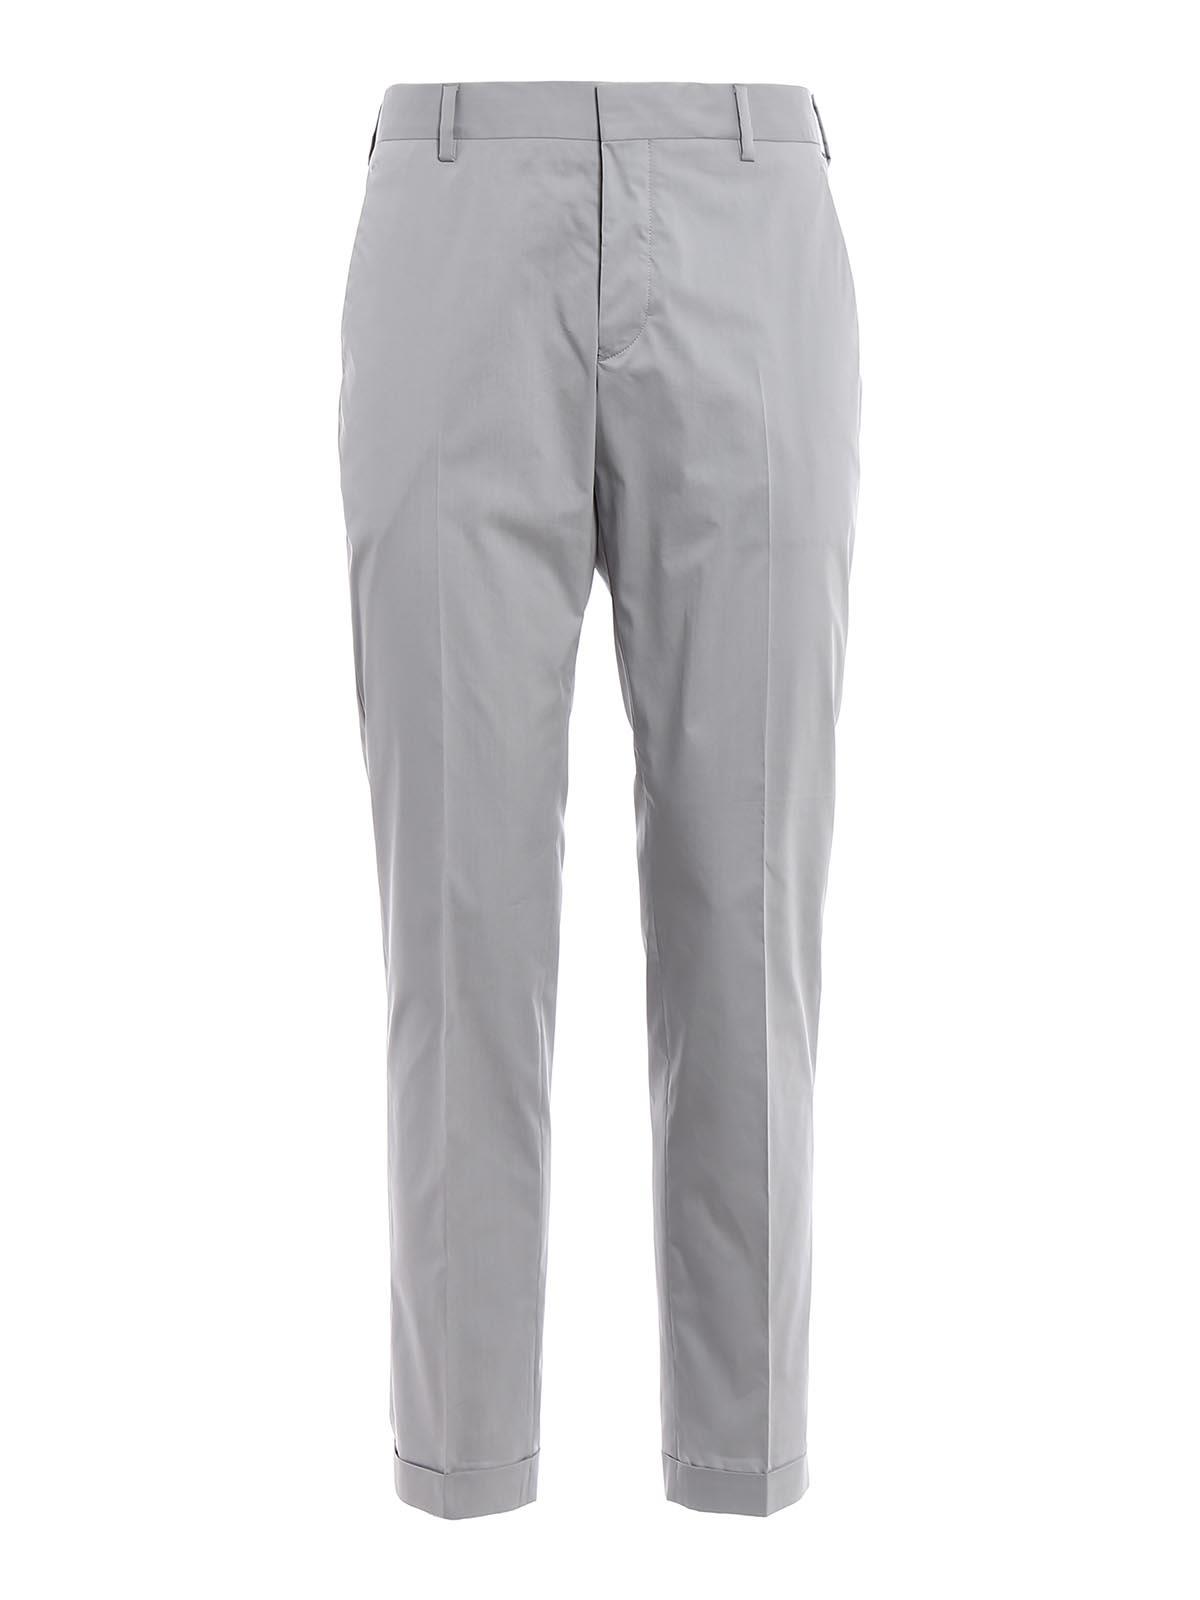 Prada Chino Trousers